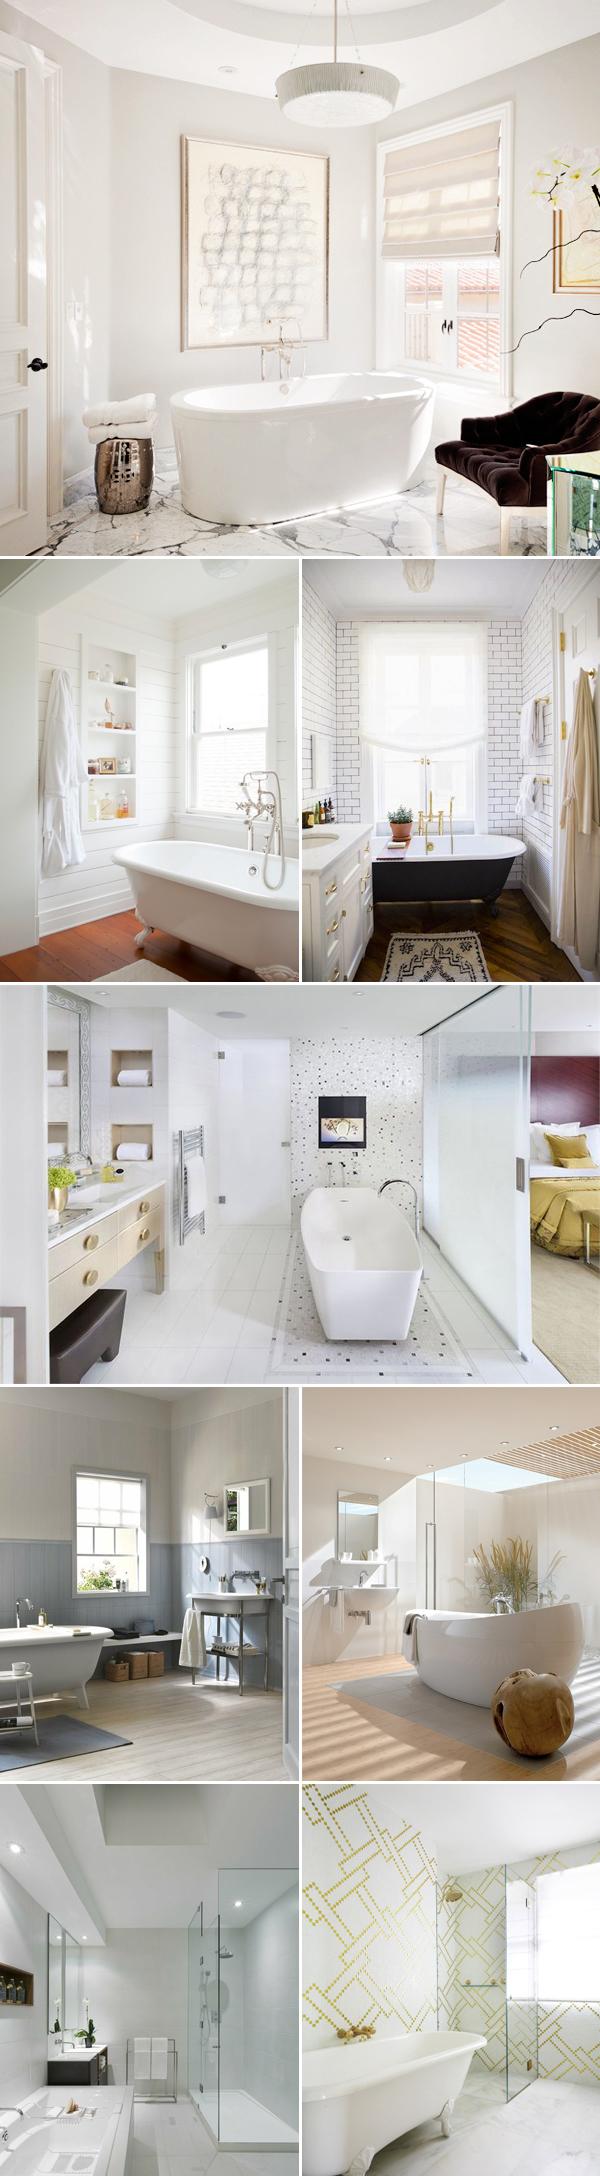 bathroom01-simple